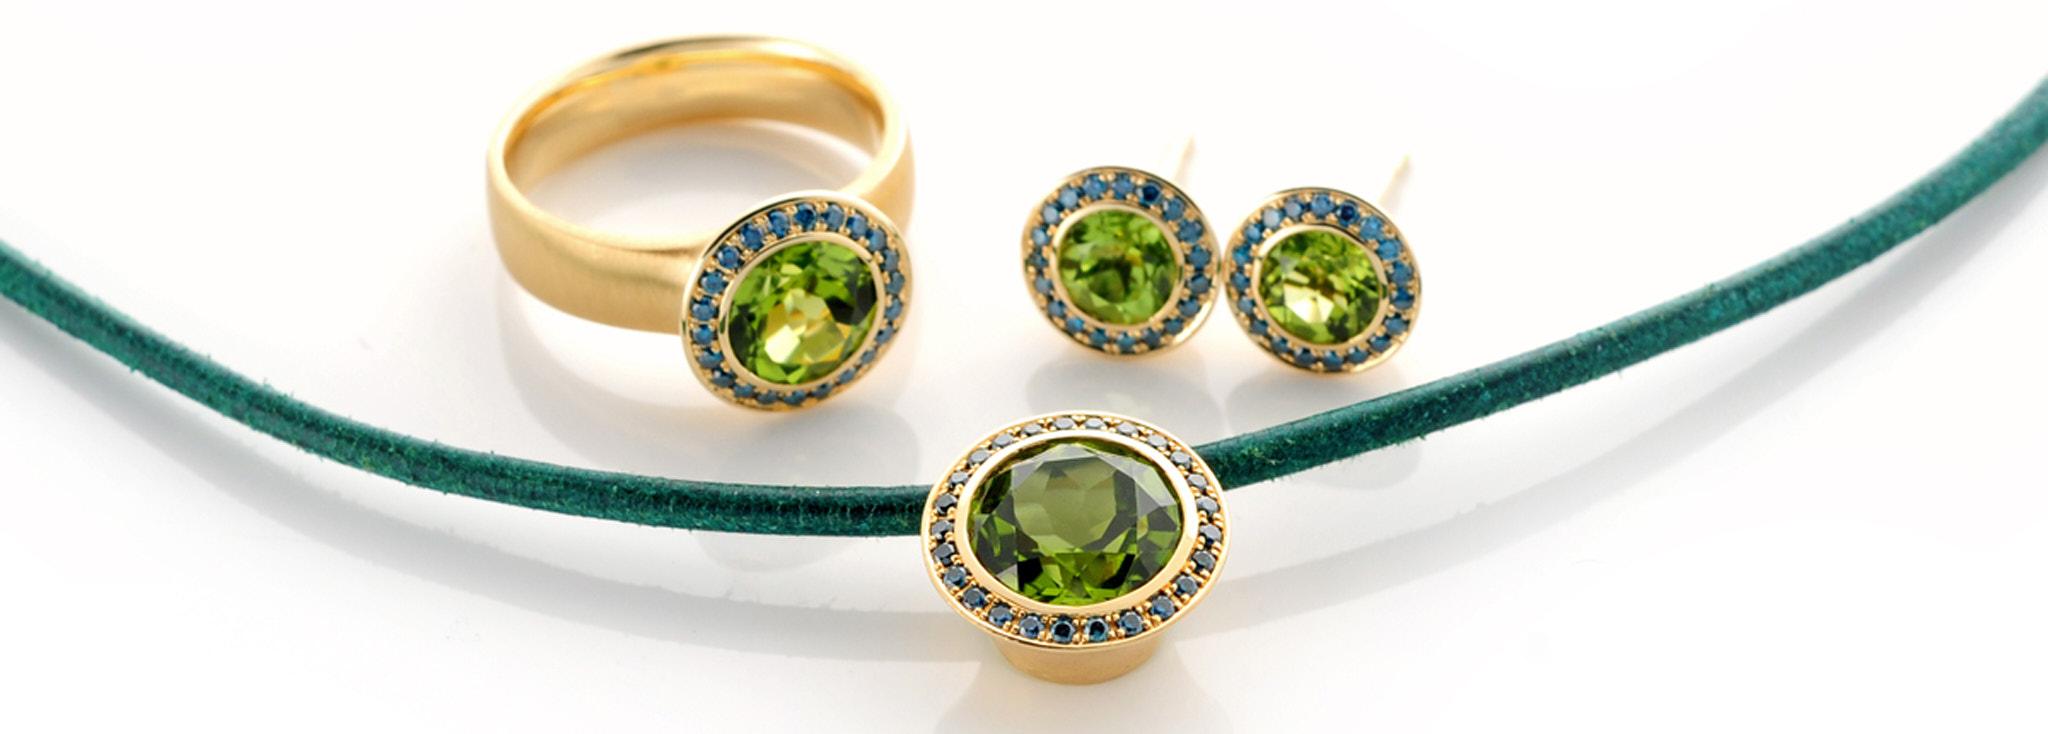 1495007-3303015-4287004 Schmuckset 750 Rotgold, mit Peridot und blauen Brillanten